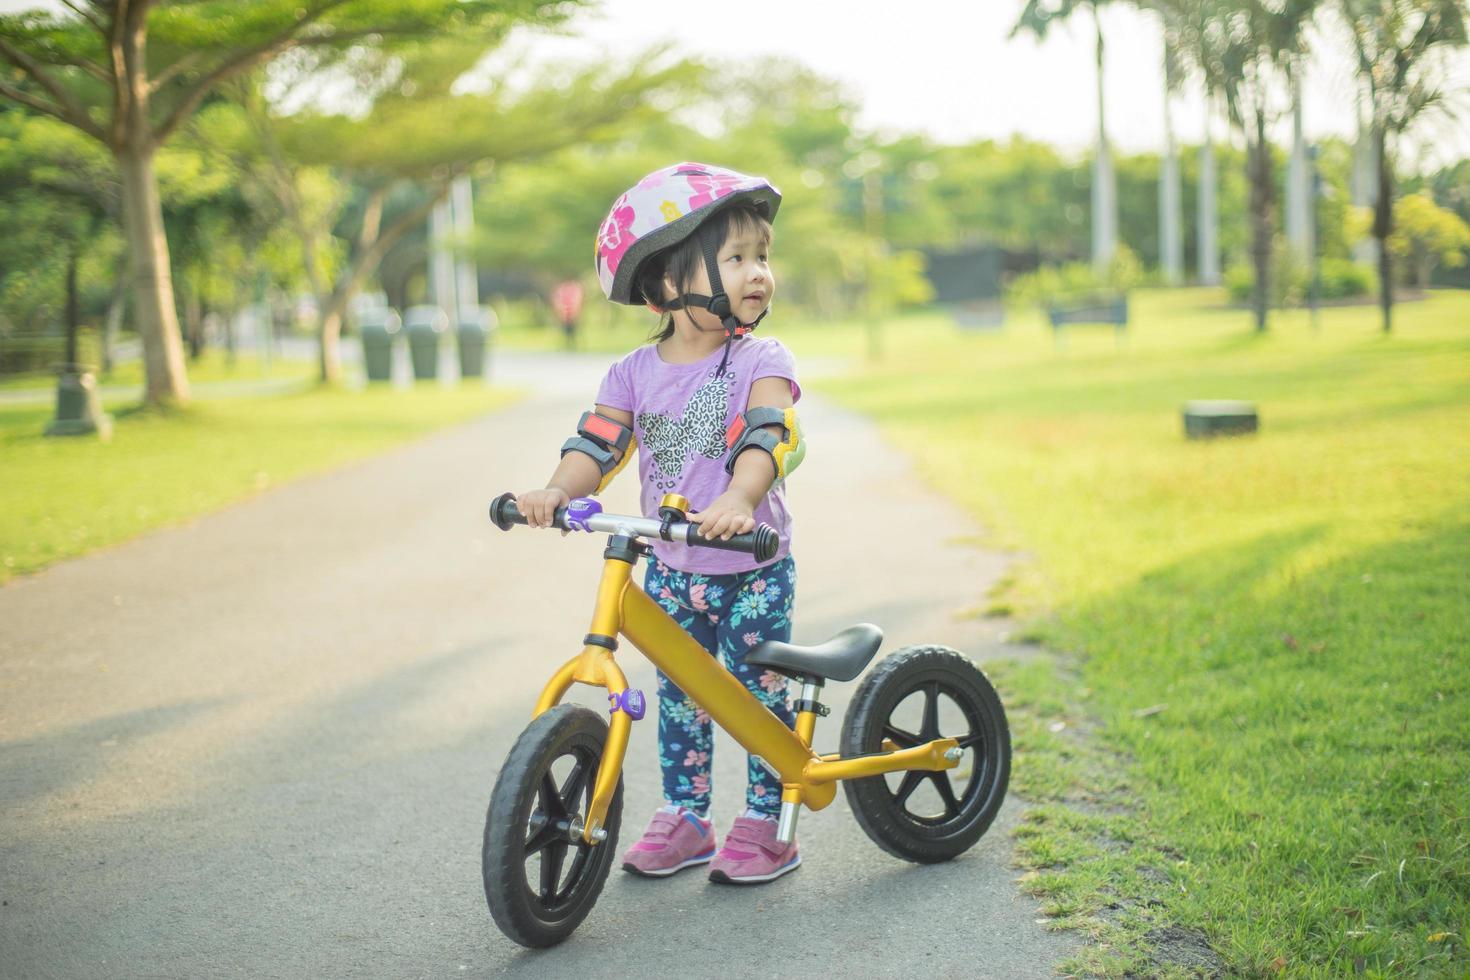 niña aprende bicicleta afuera en sendero para bicicletas foto